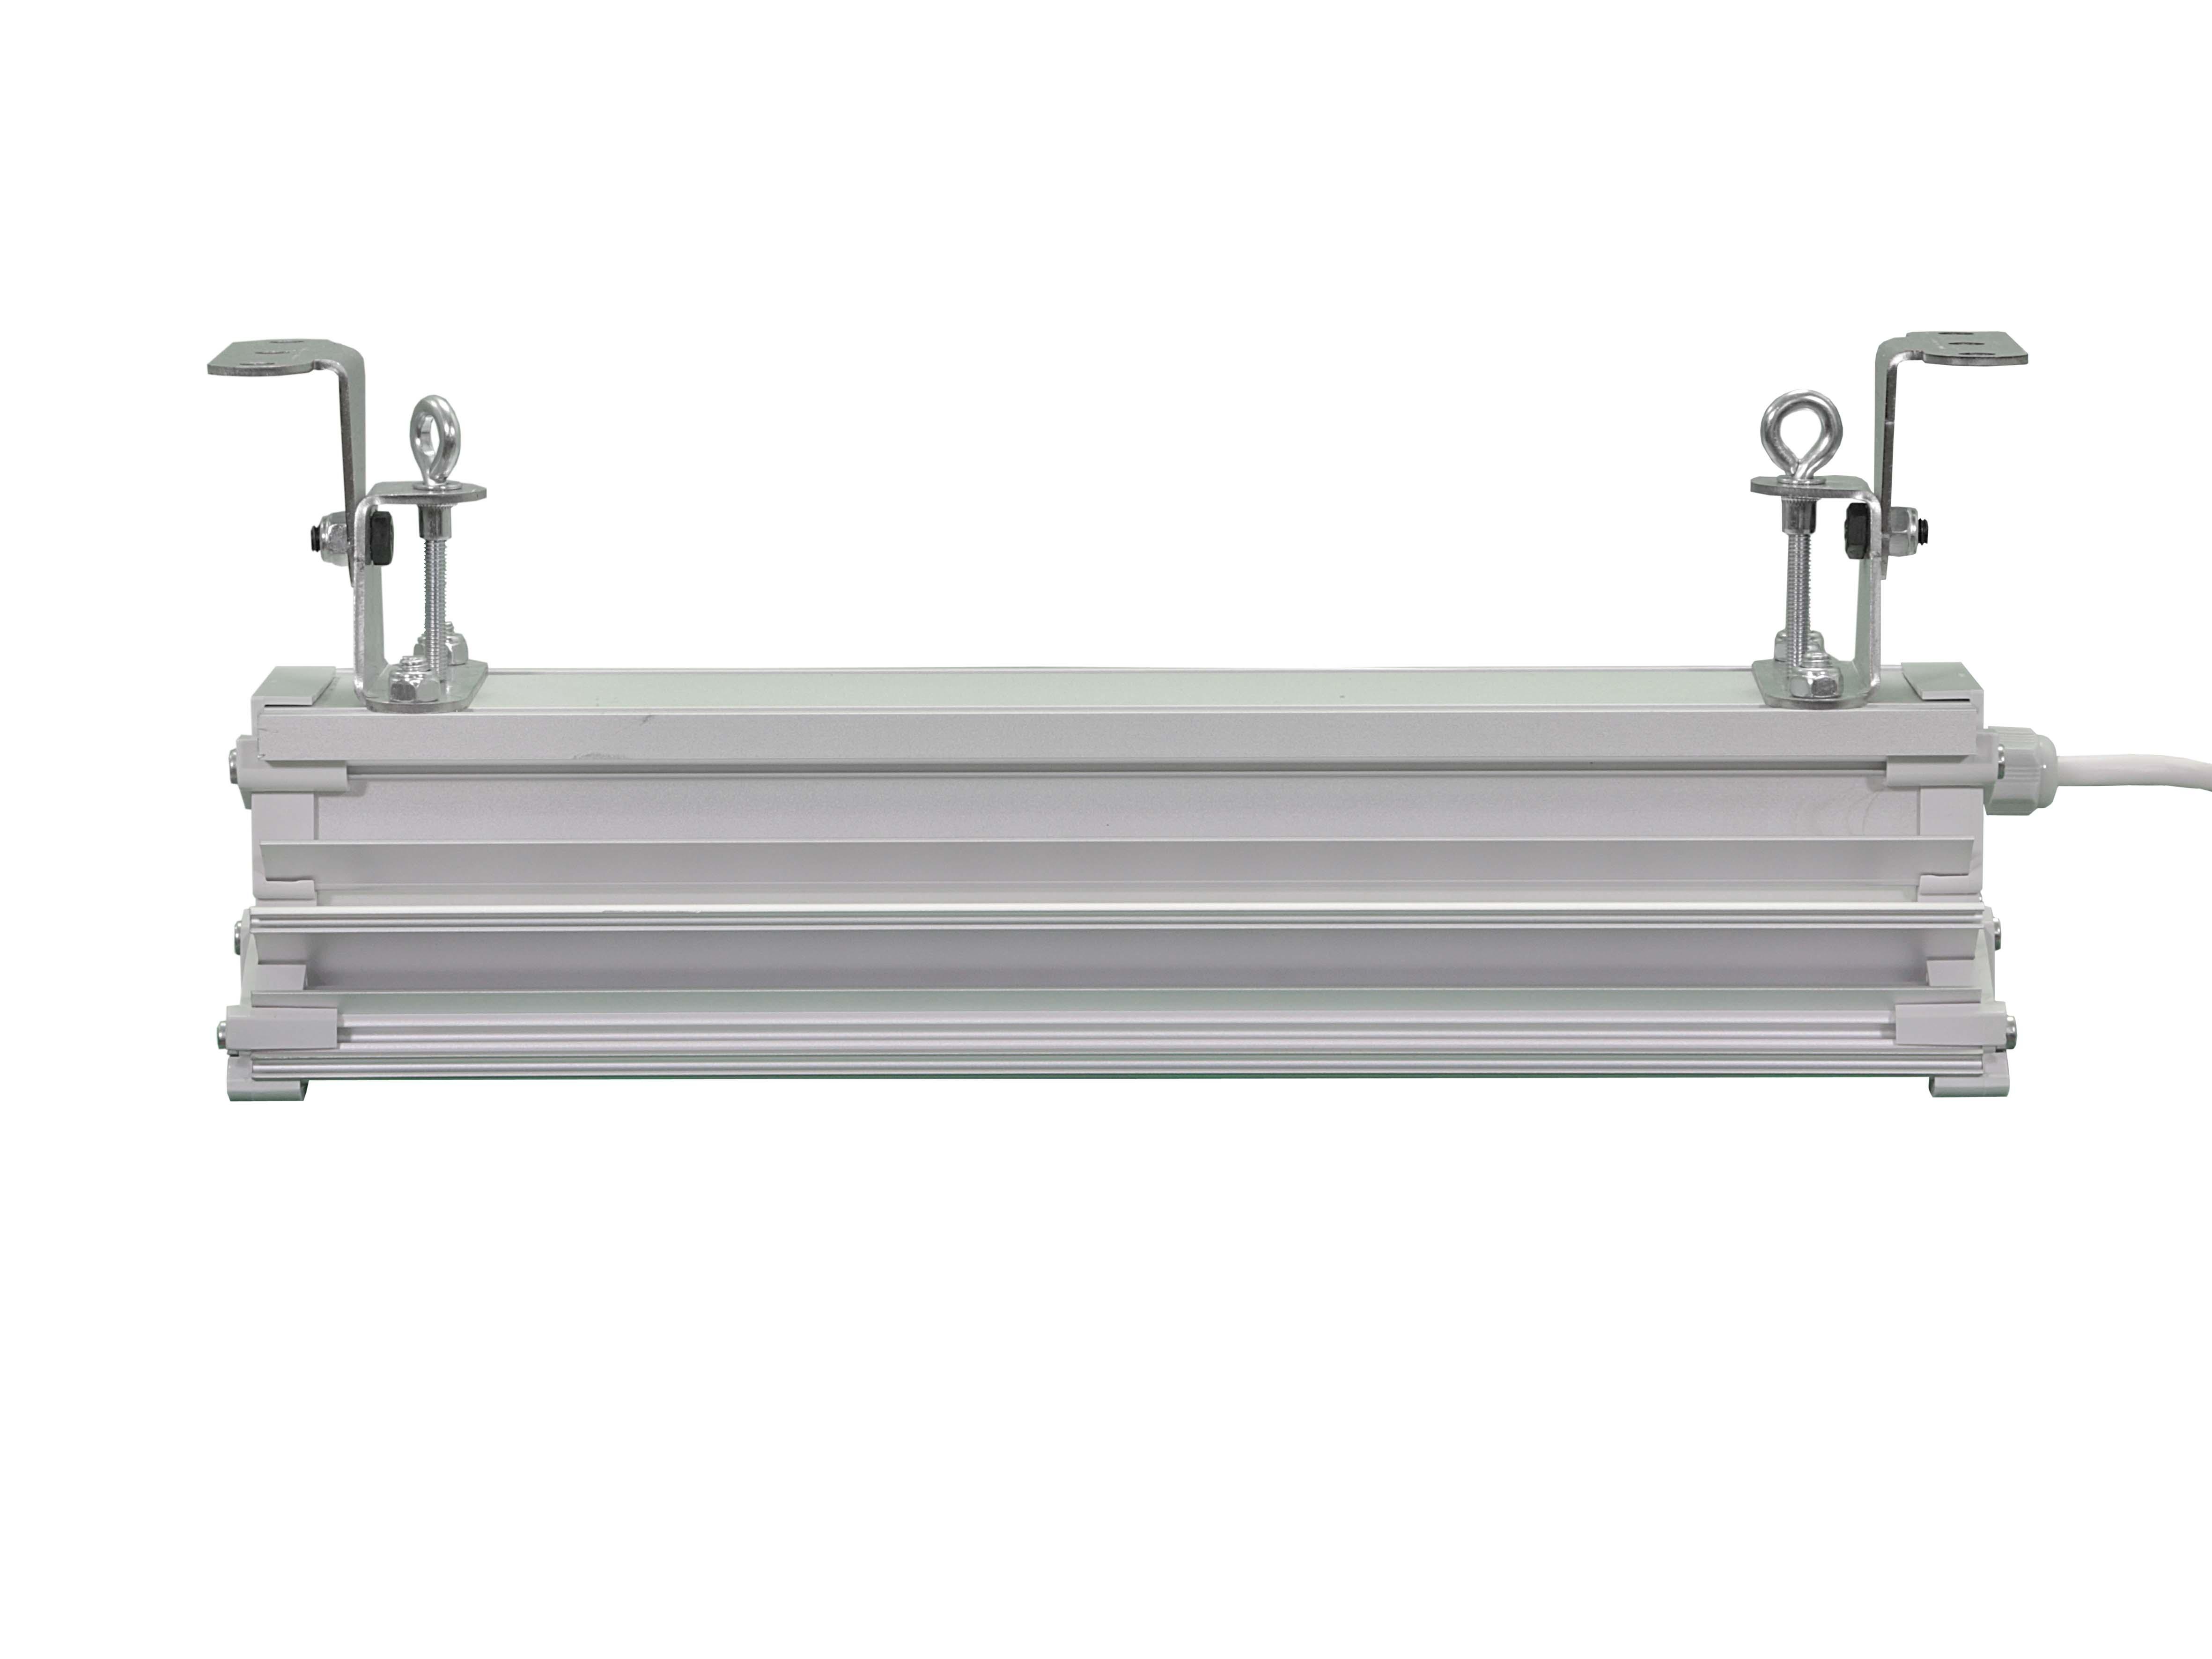 Офисный светодиодный светильник Армстронг Стандарт-40 40Вт 4520Лм